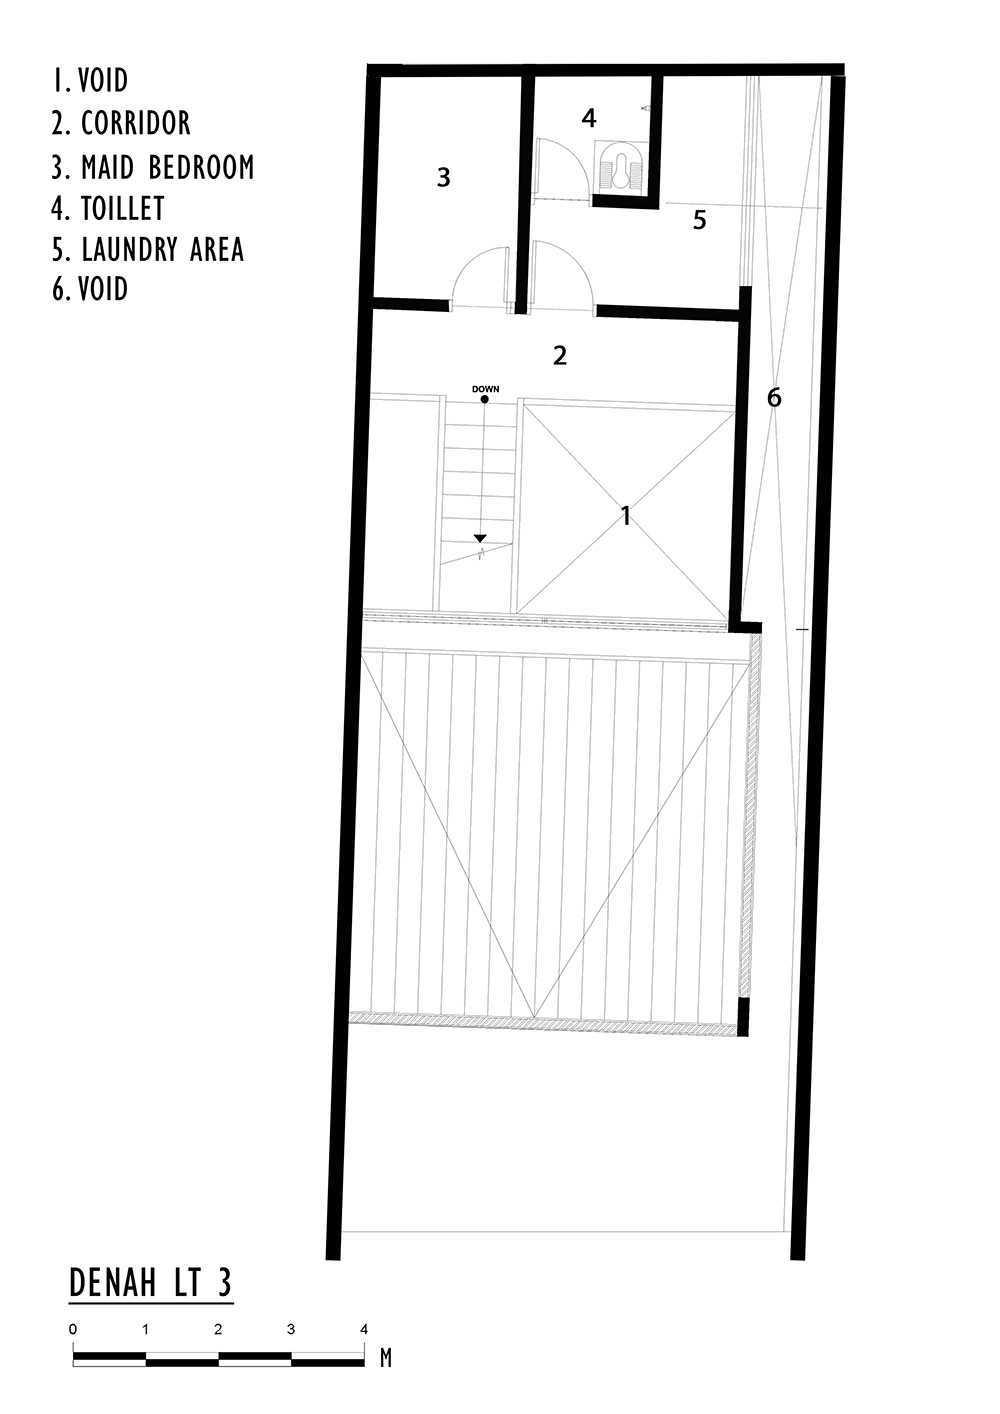 Delution Splow House Jl. Tebet Bar., Tebet Bar., Tebet, Kota Jakarta Selatan, Daerah Khusus Ibukota Jakarta 12810, Indonesia Jakarta, Indonesia 3Rd Floor Plan Modern 12389